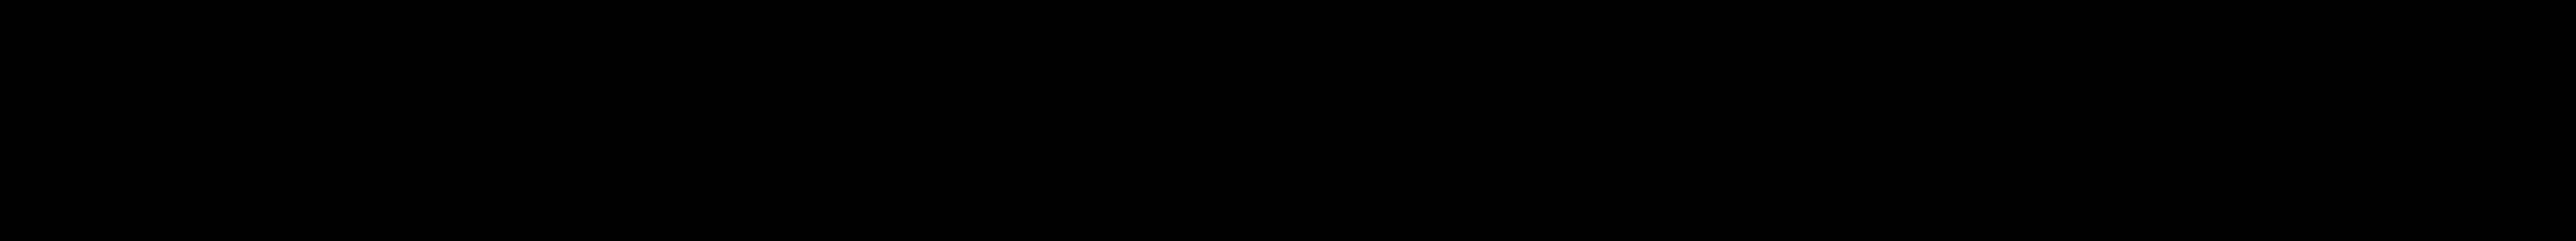 Logo We are Nyhamnen - @nyhamnen - nyhamnen.com